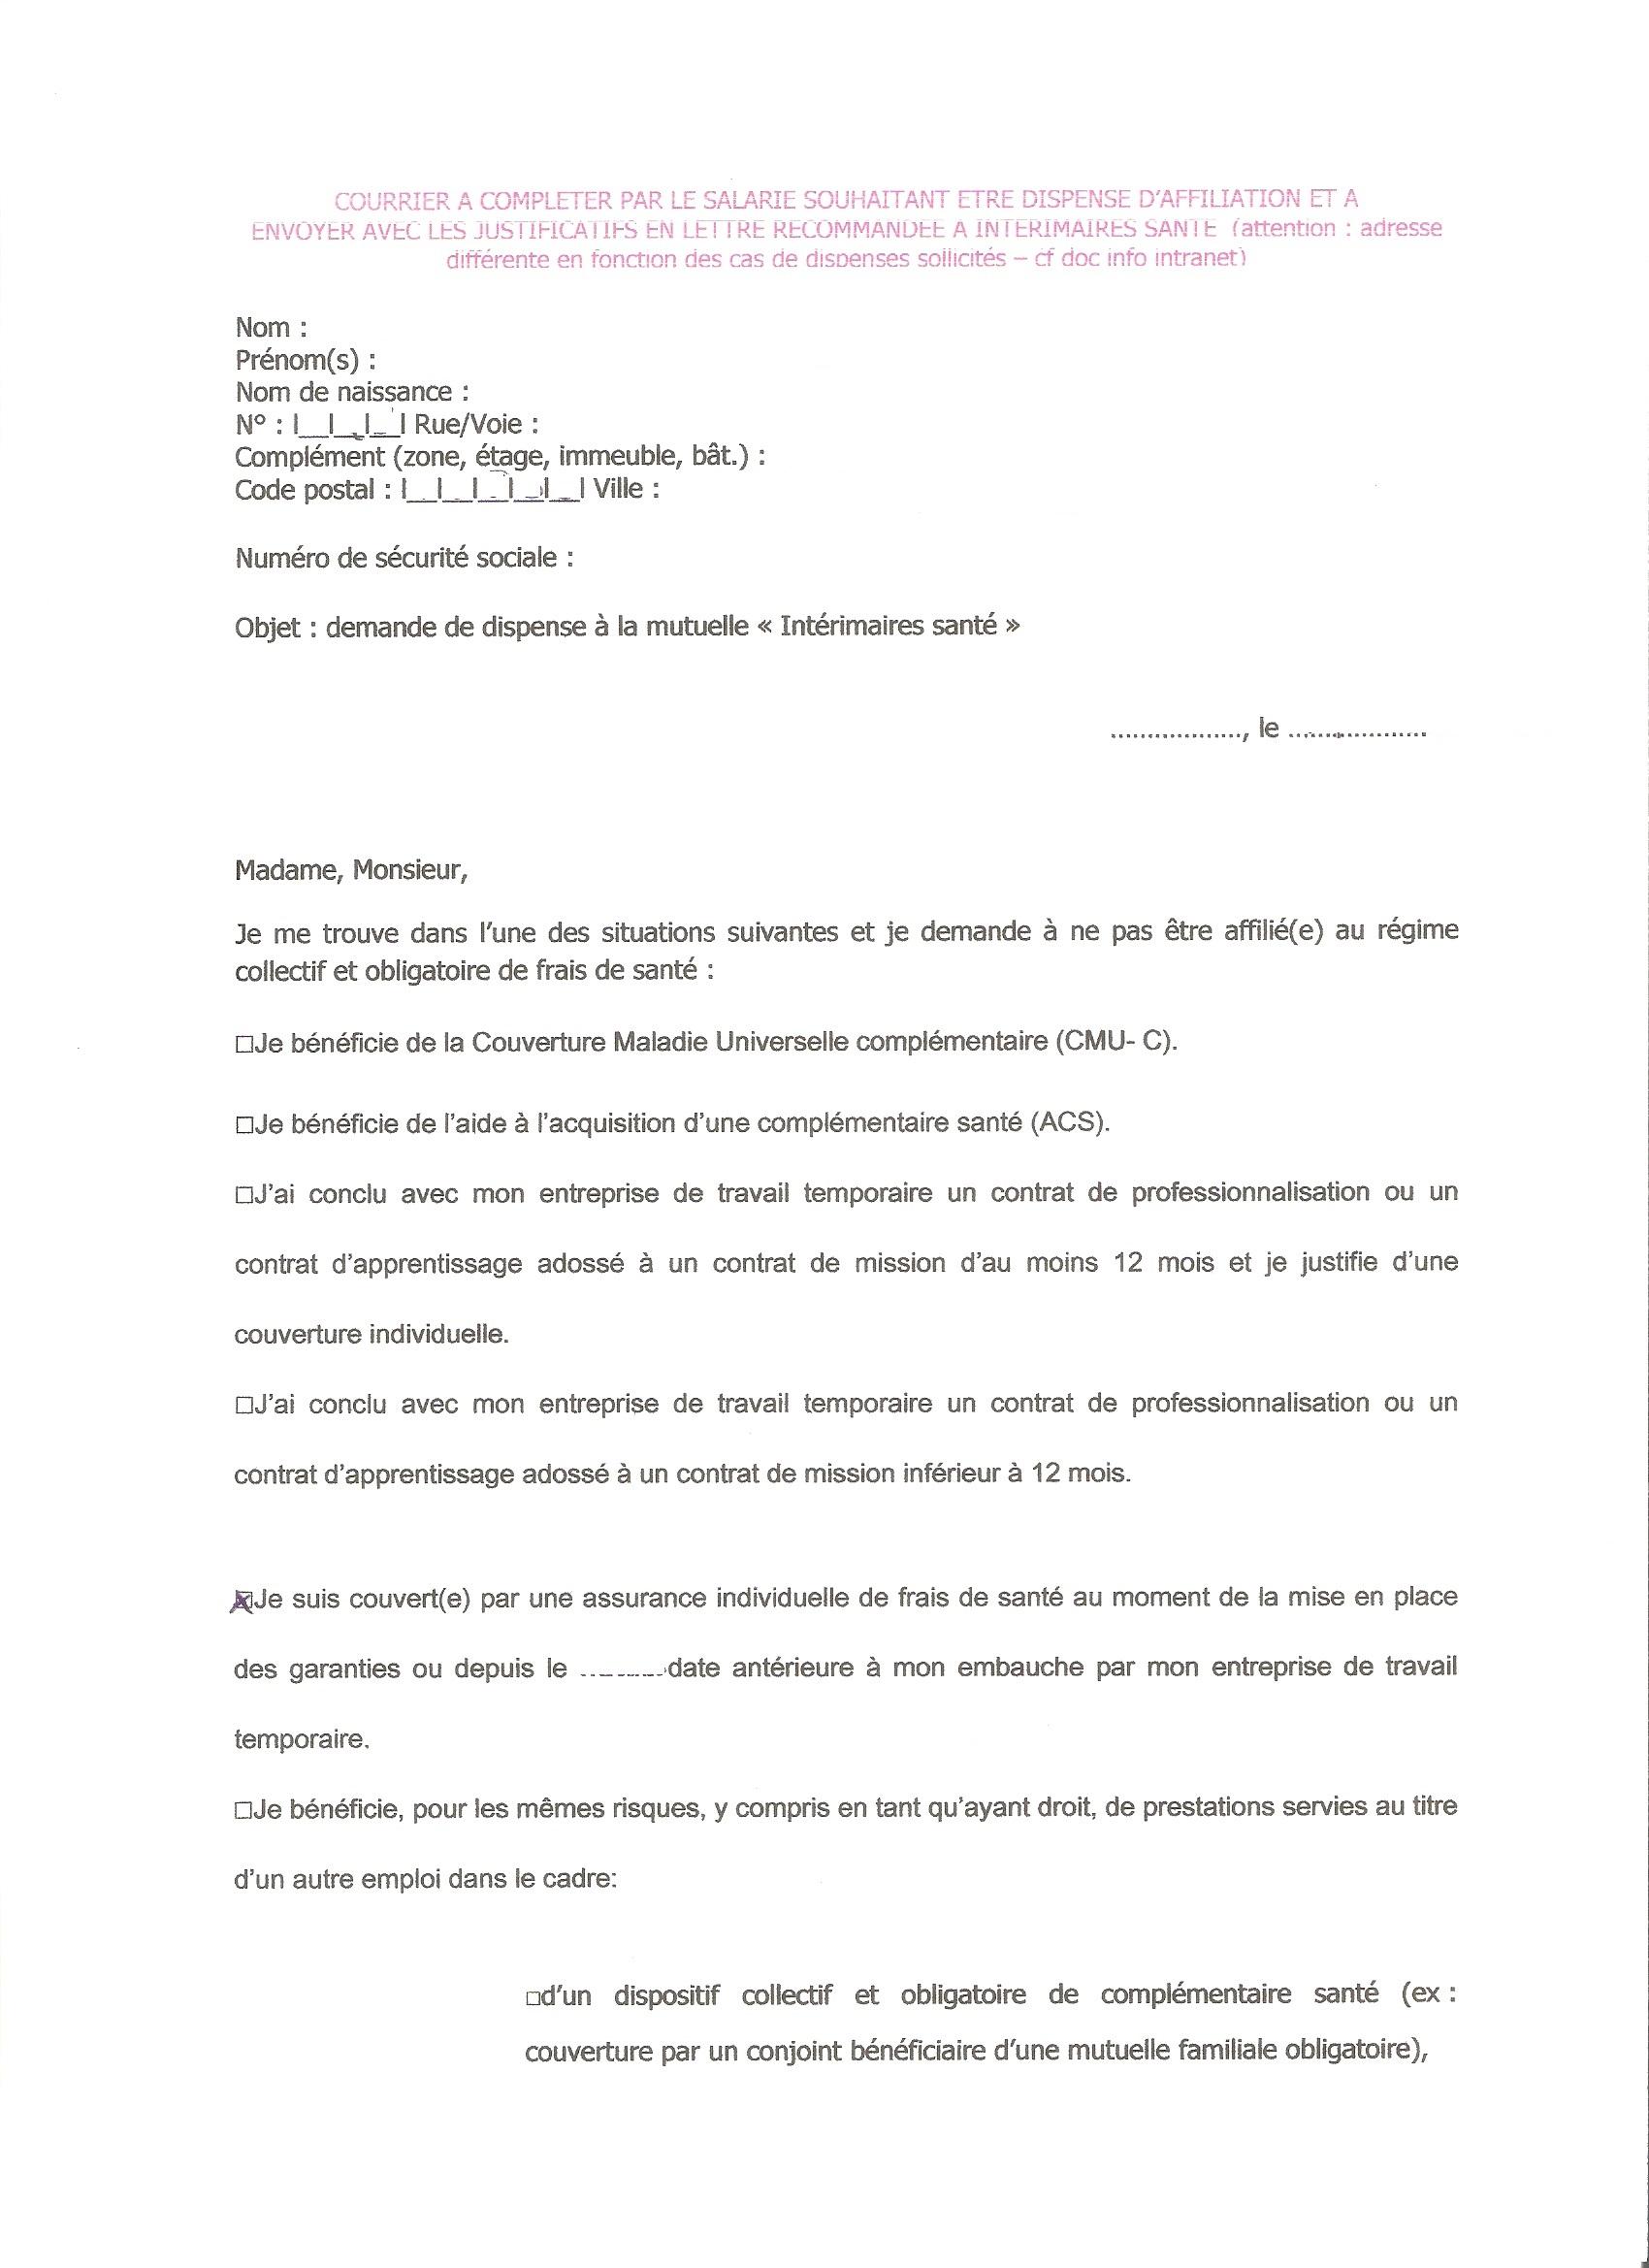 Top Régime obligatoire INTÉRIMAIRE SANTÉ - Page 6 - Net-Litiges.fr CN64